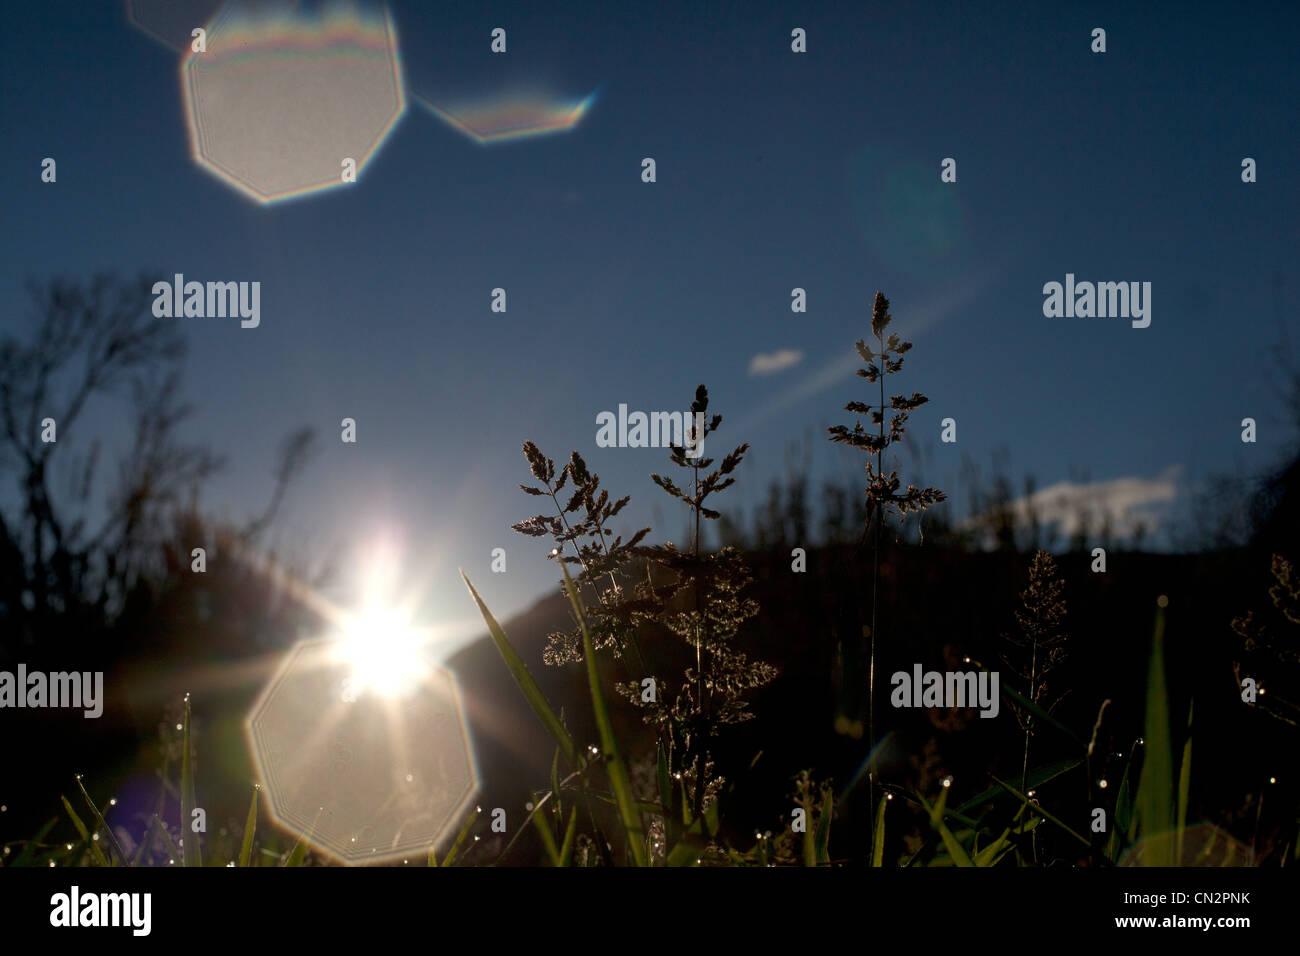 Meadow scene in sunlight - Stock Image